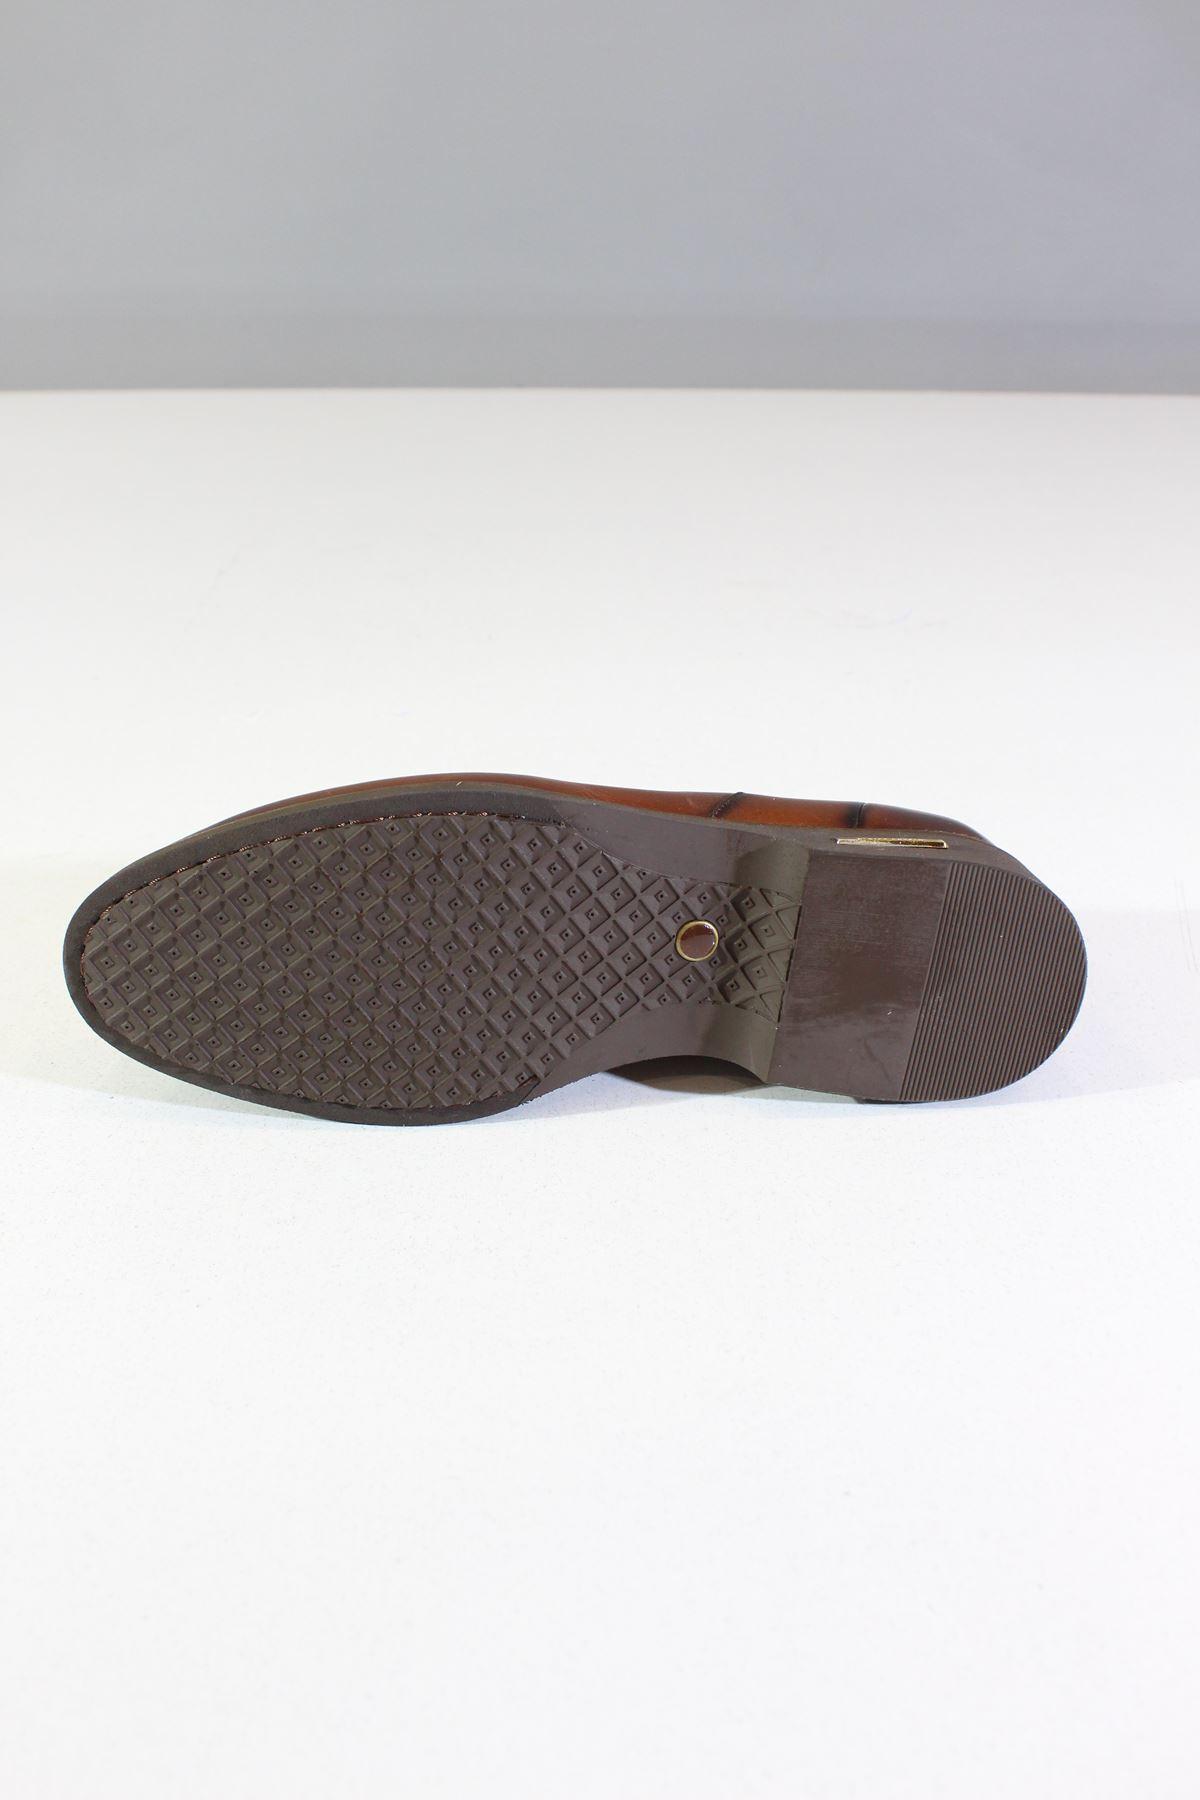 Pierre Cardin 333514 Kahverengi Erkek Casual Ayakkabı